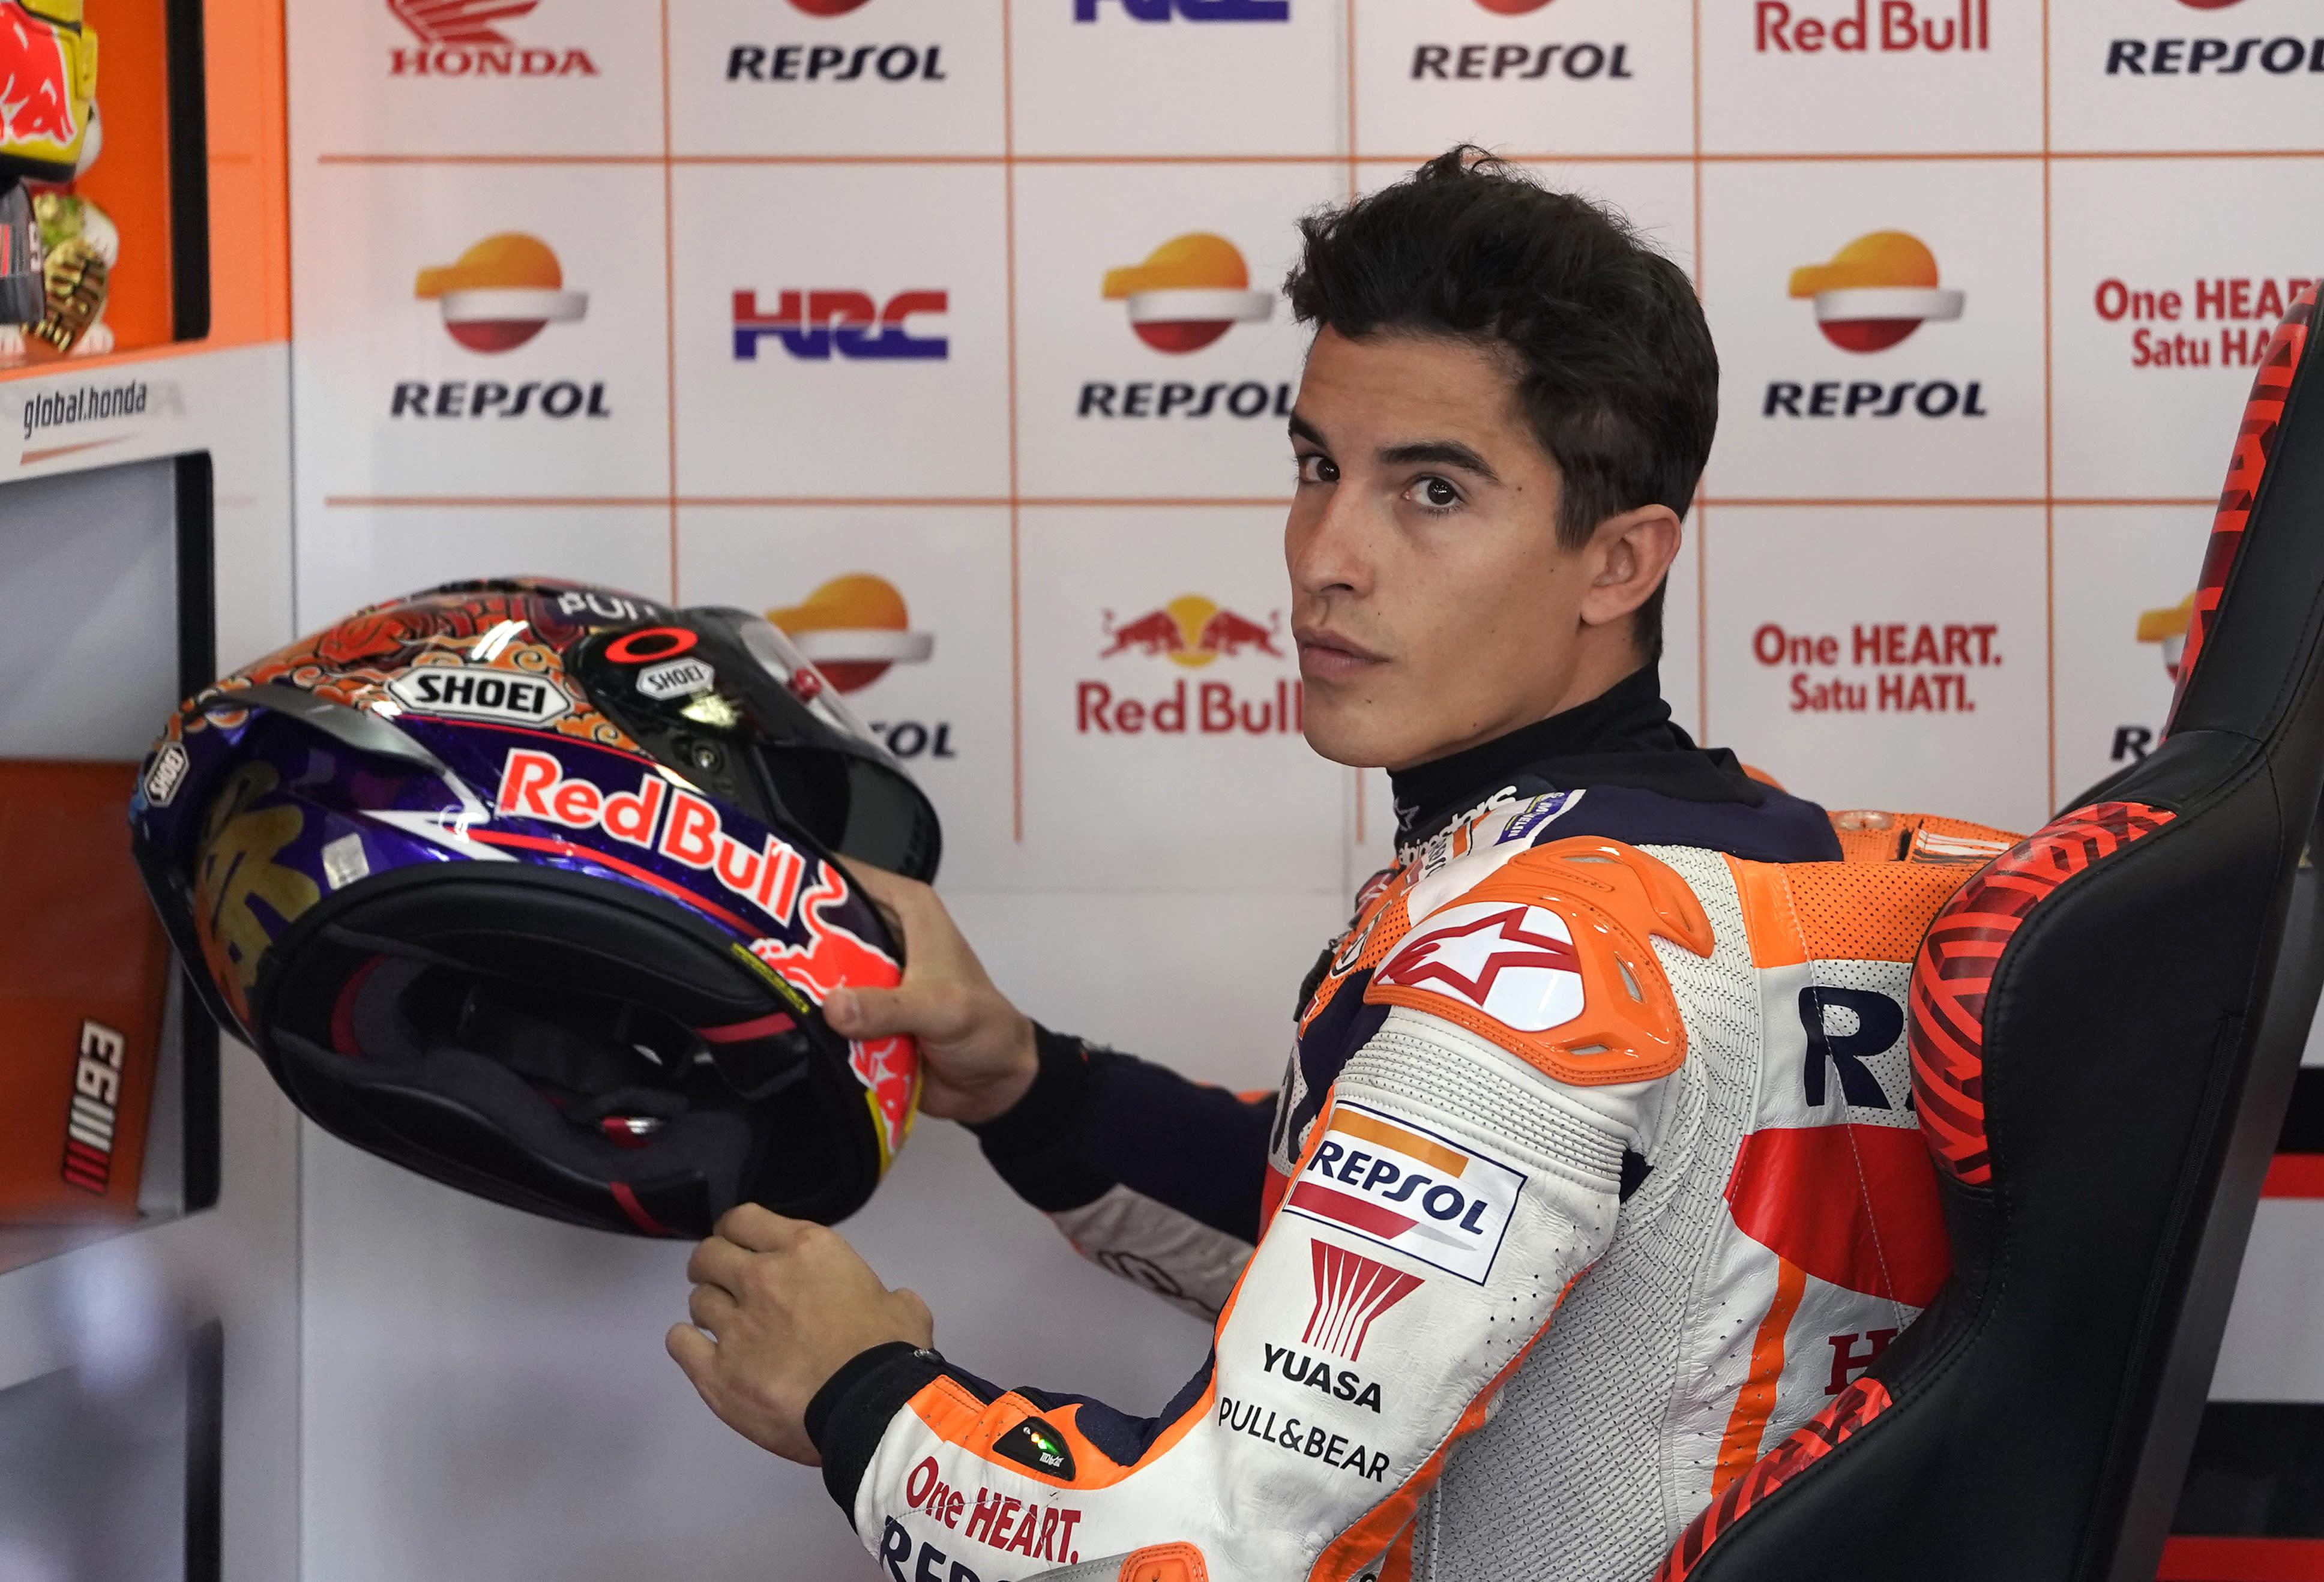 Actor Porno Marc Marquez marquez wins japanese motogp to secure championship title